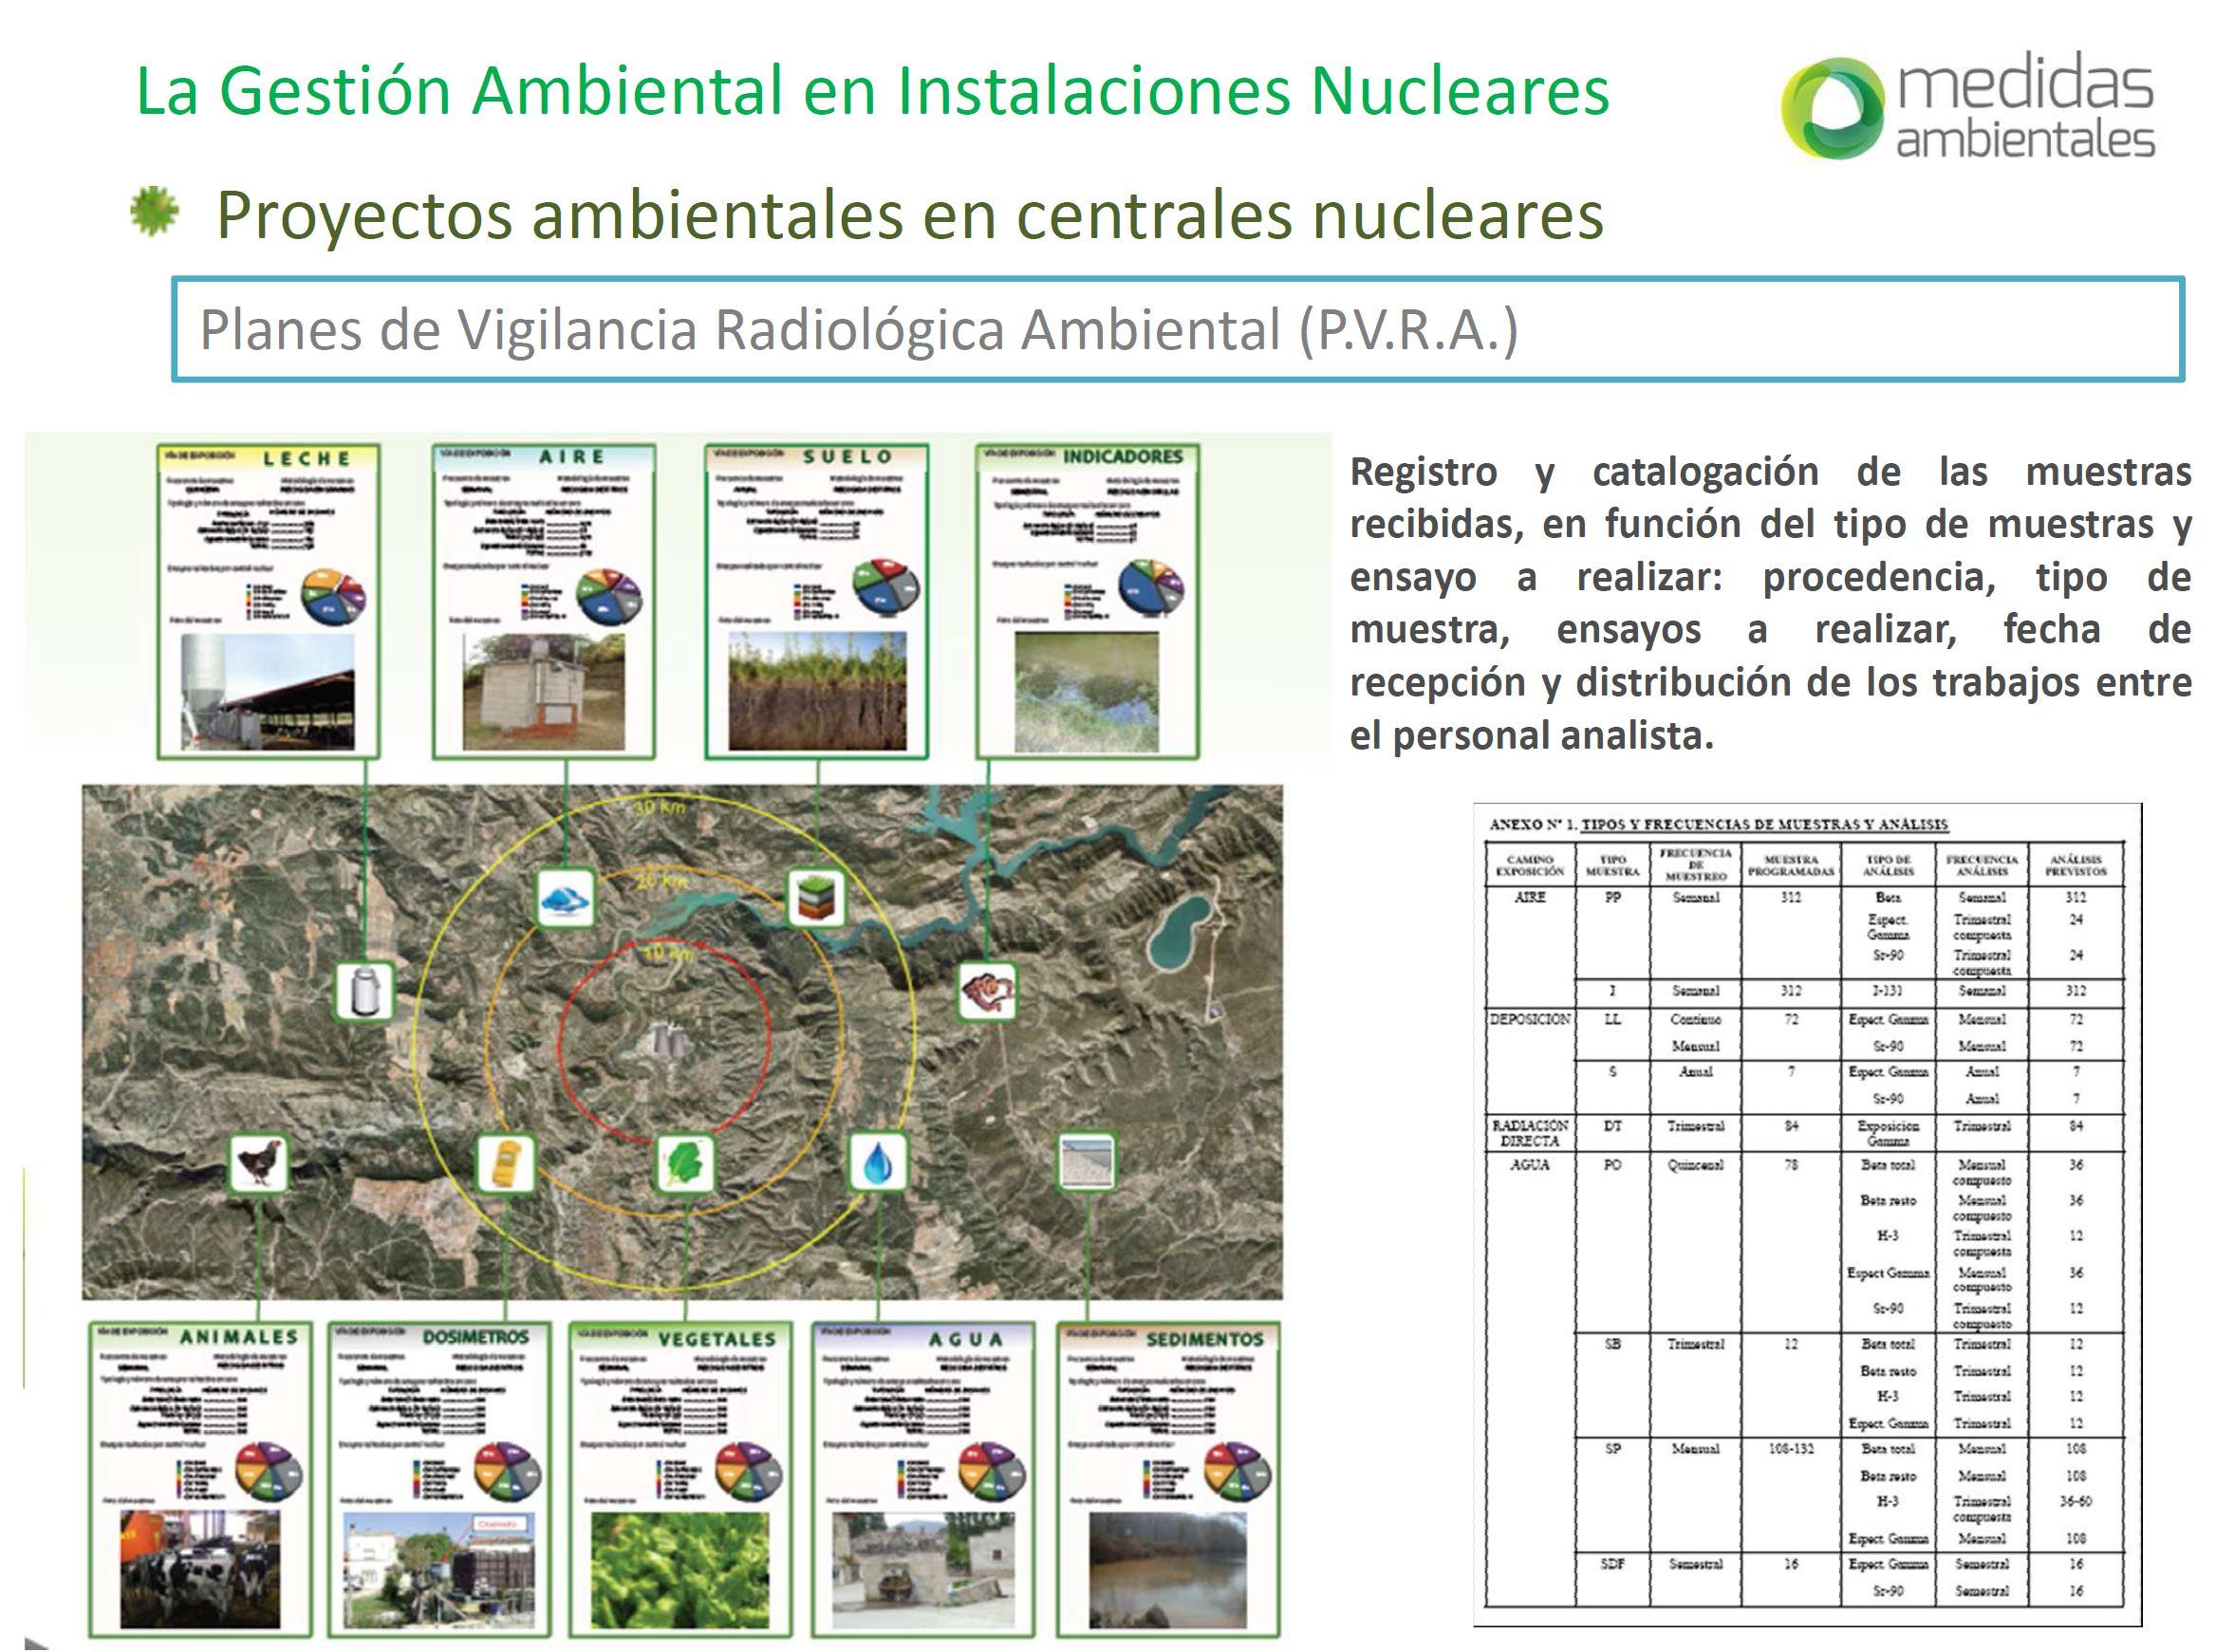 Mesa Redonda: La Gestión Ambiental en las Instalaciones Nucleares. Presentación de Ana Martín